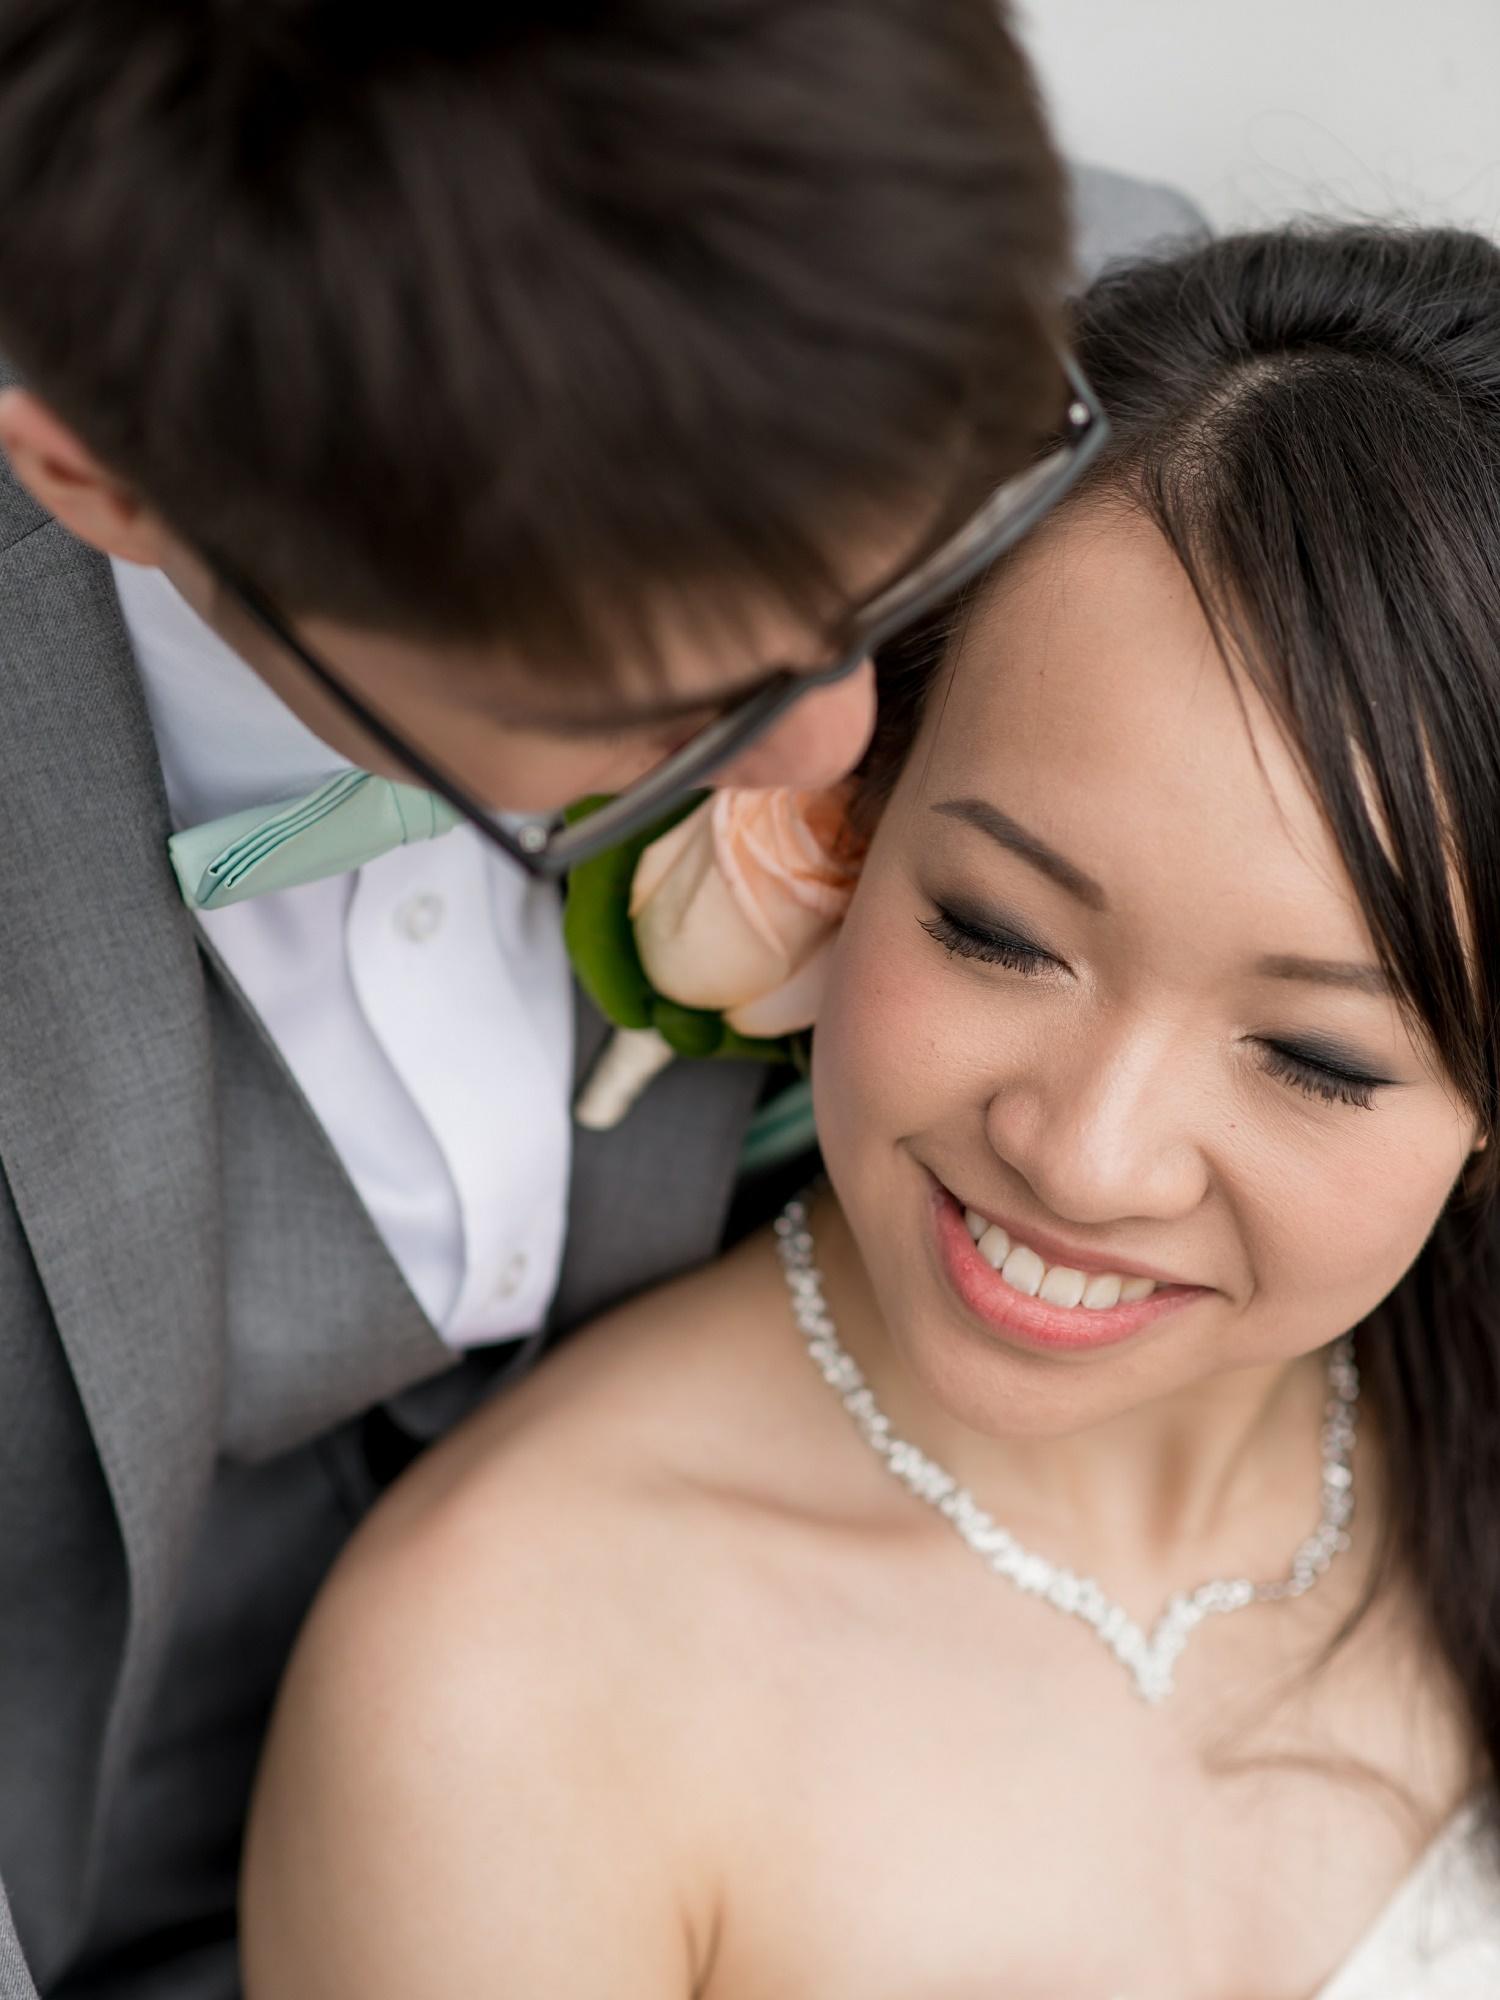 Source:  http://myboundlesswedding.com/